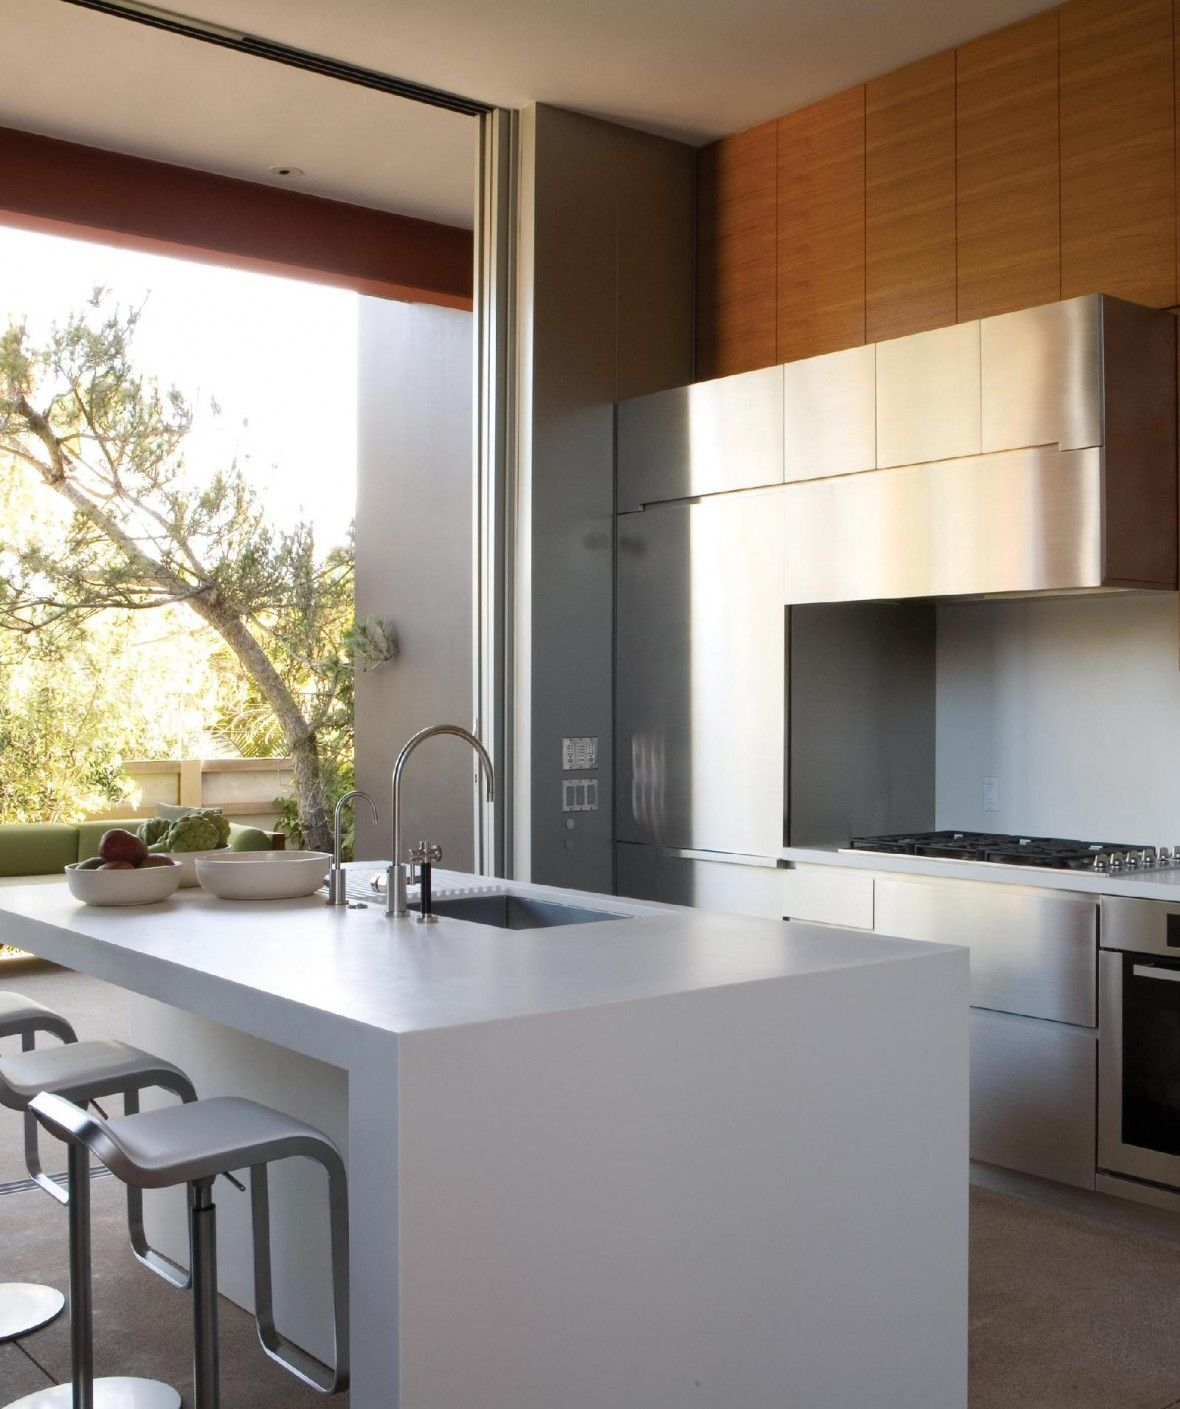 Modern Kitchen Kitchen Contemporary Kitchen Diner Interior Design Gorgeous Small Kitchen Interior Design Review